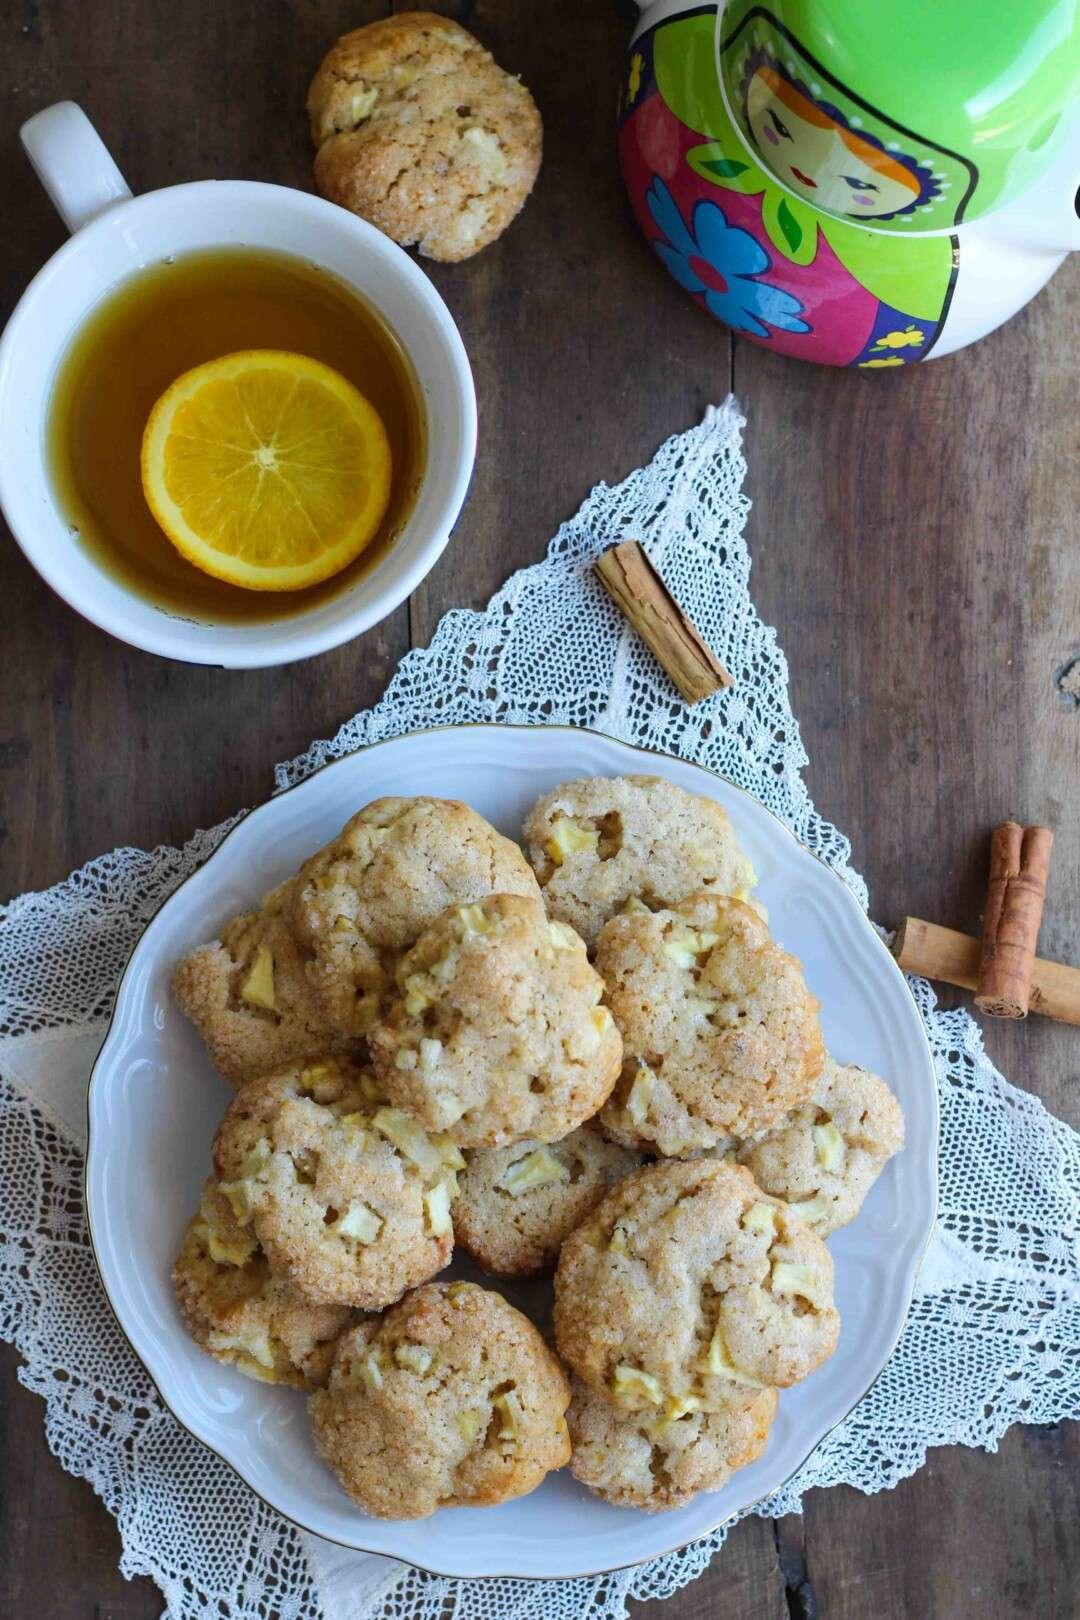 ricetta per i cookies alla mela, cannella e nocciole